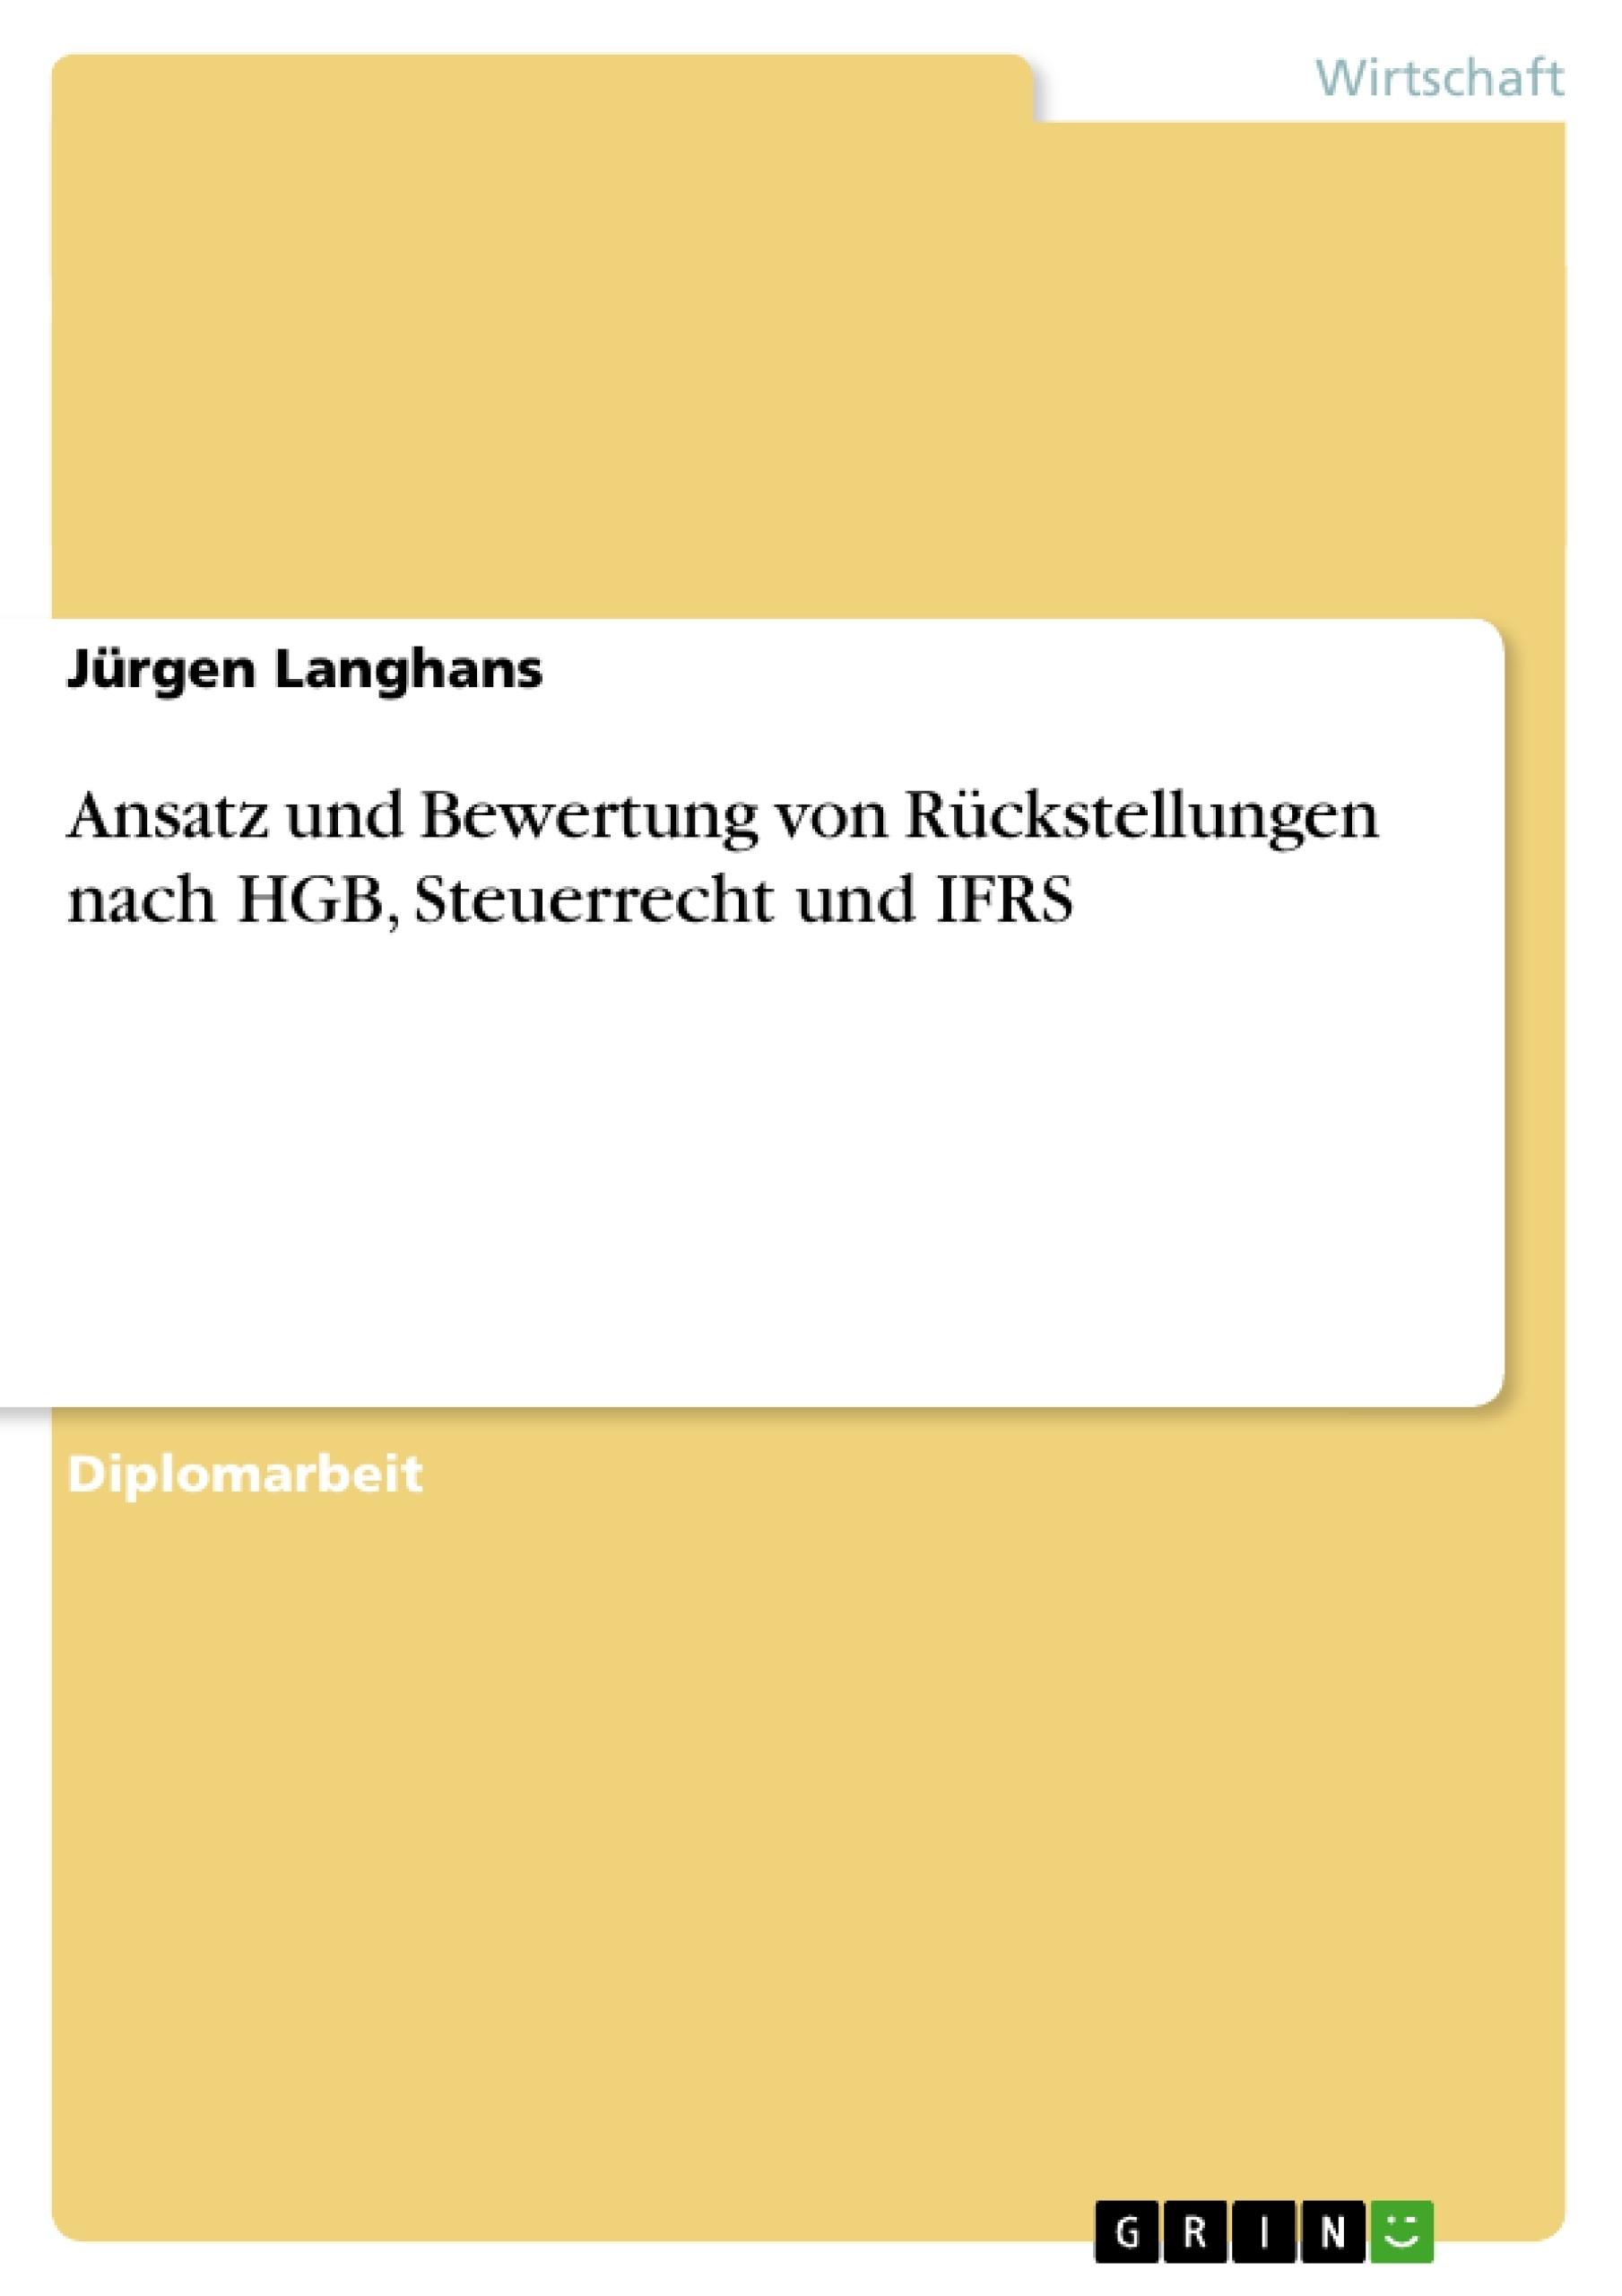 Titel: Ansatz und Bewertung von Rückstellungen nach HGB, Steuerrecht und IFRS